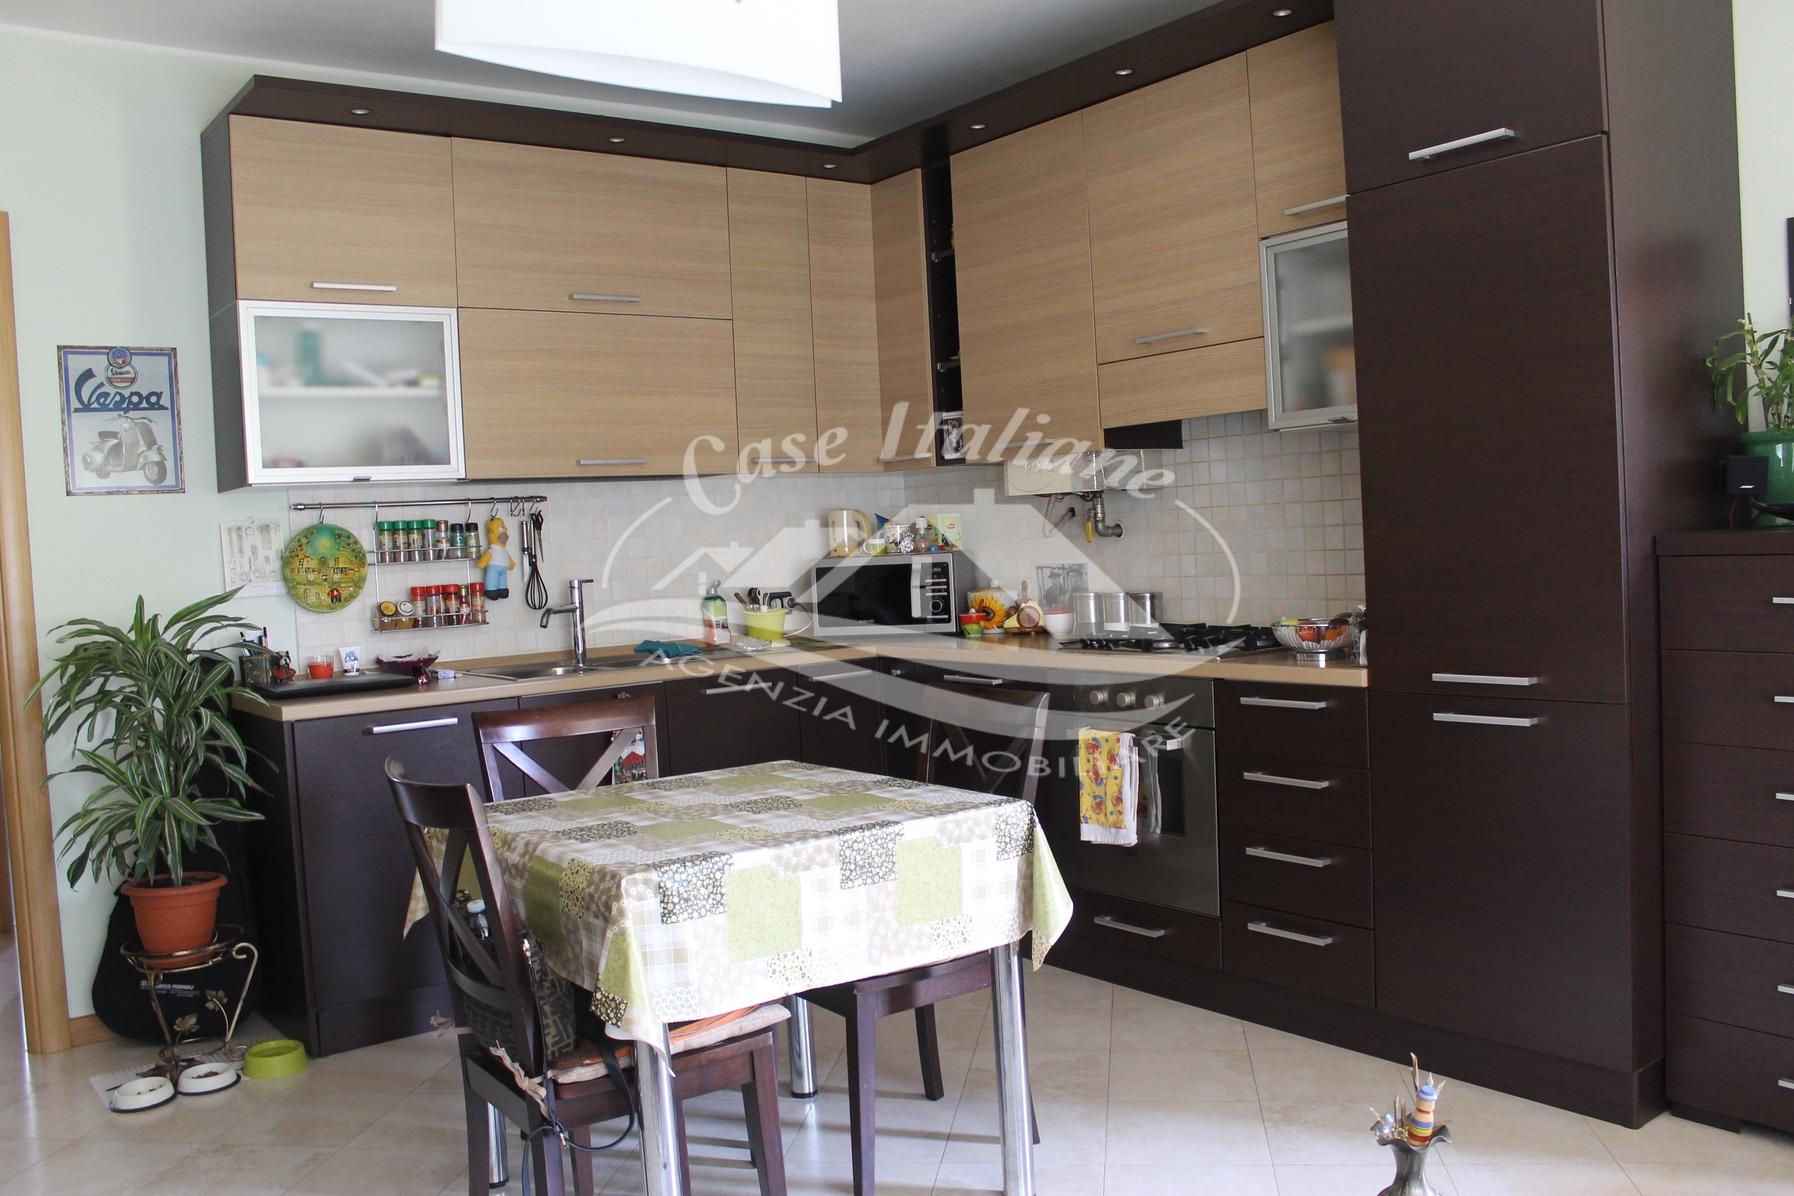 Img 7882 case italiane agenzia immobiliare cant for Negozi arredamento cantu